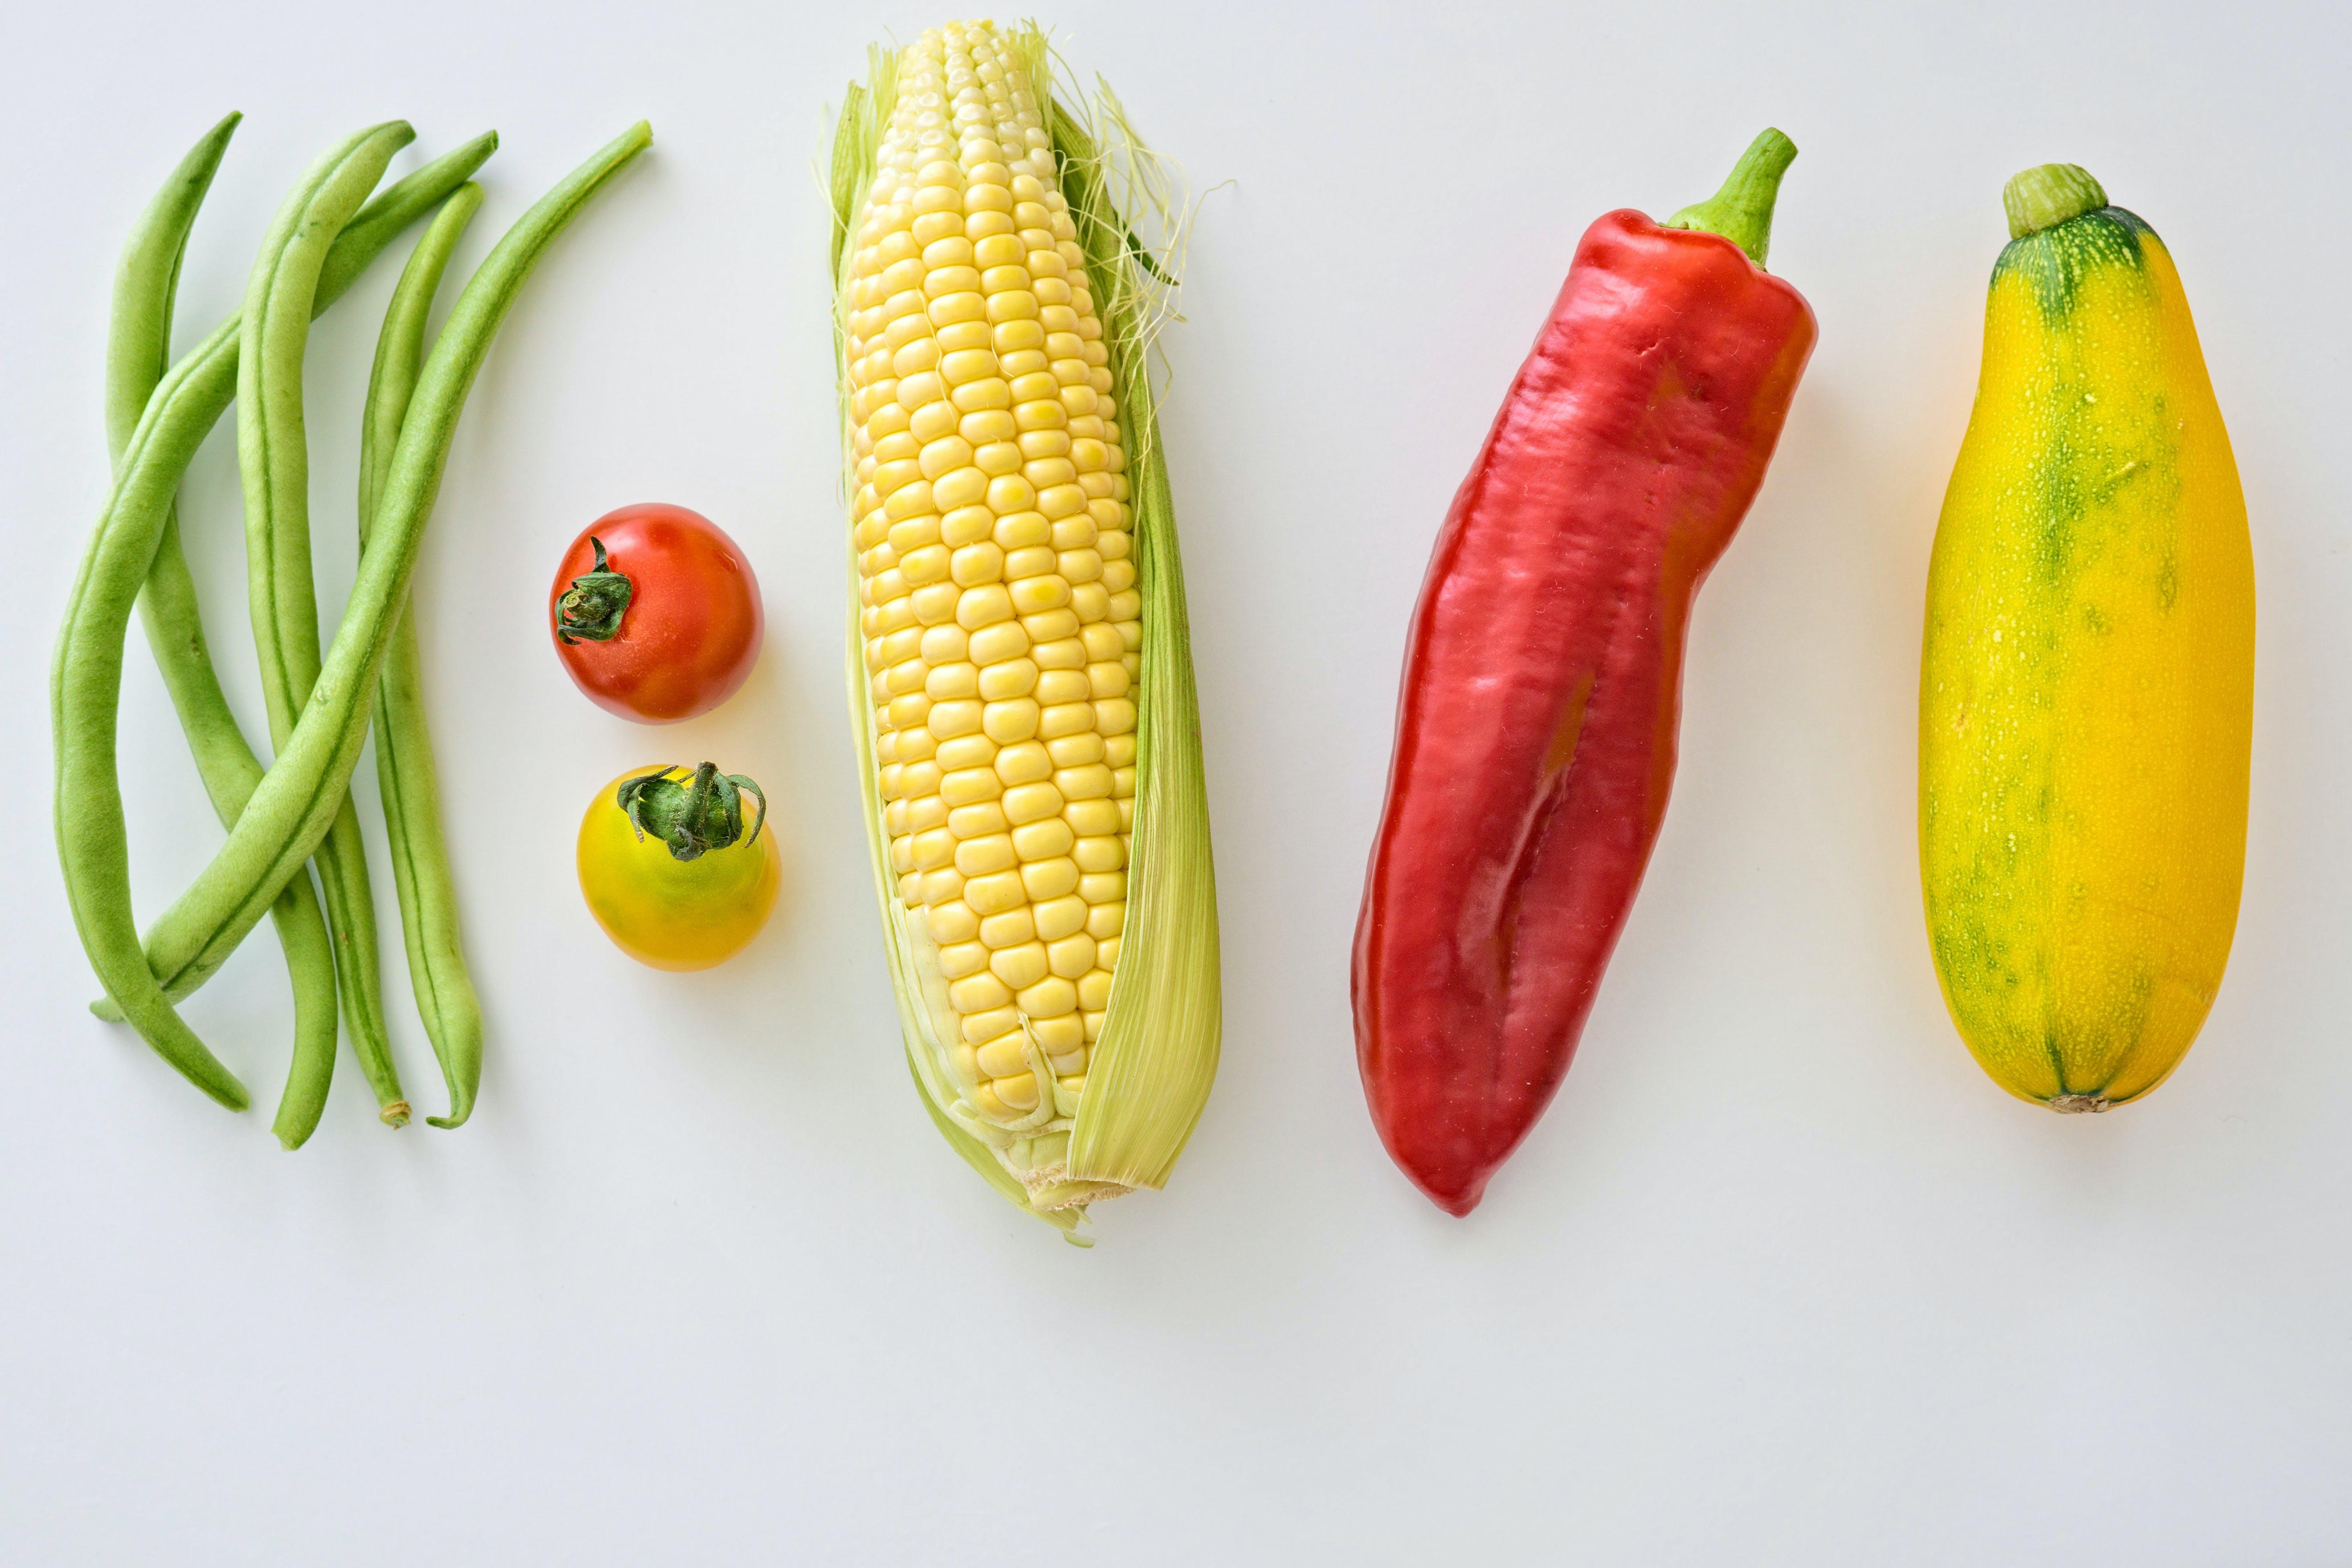 コーン, ズッキーニ, トマト, トロピカルの無料の写真素材